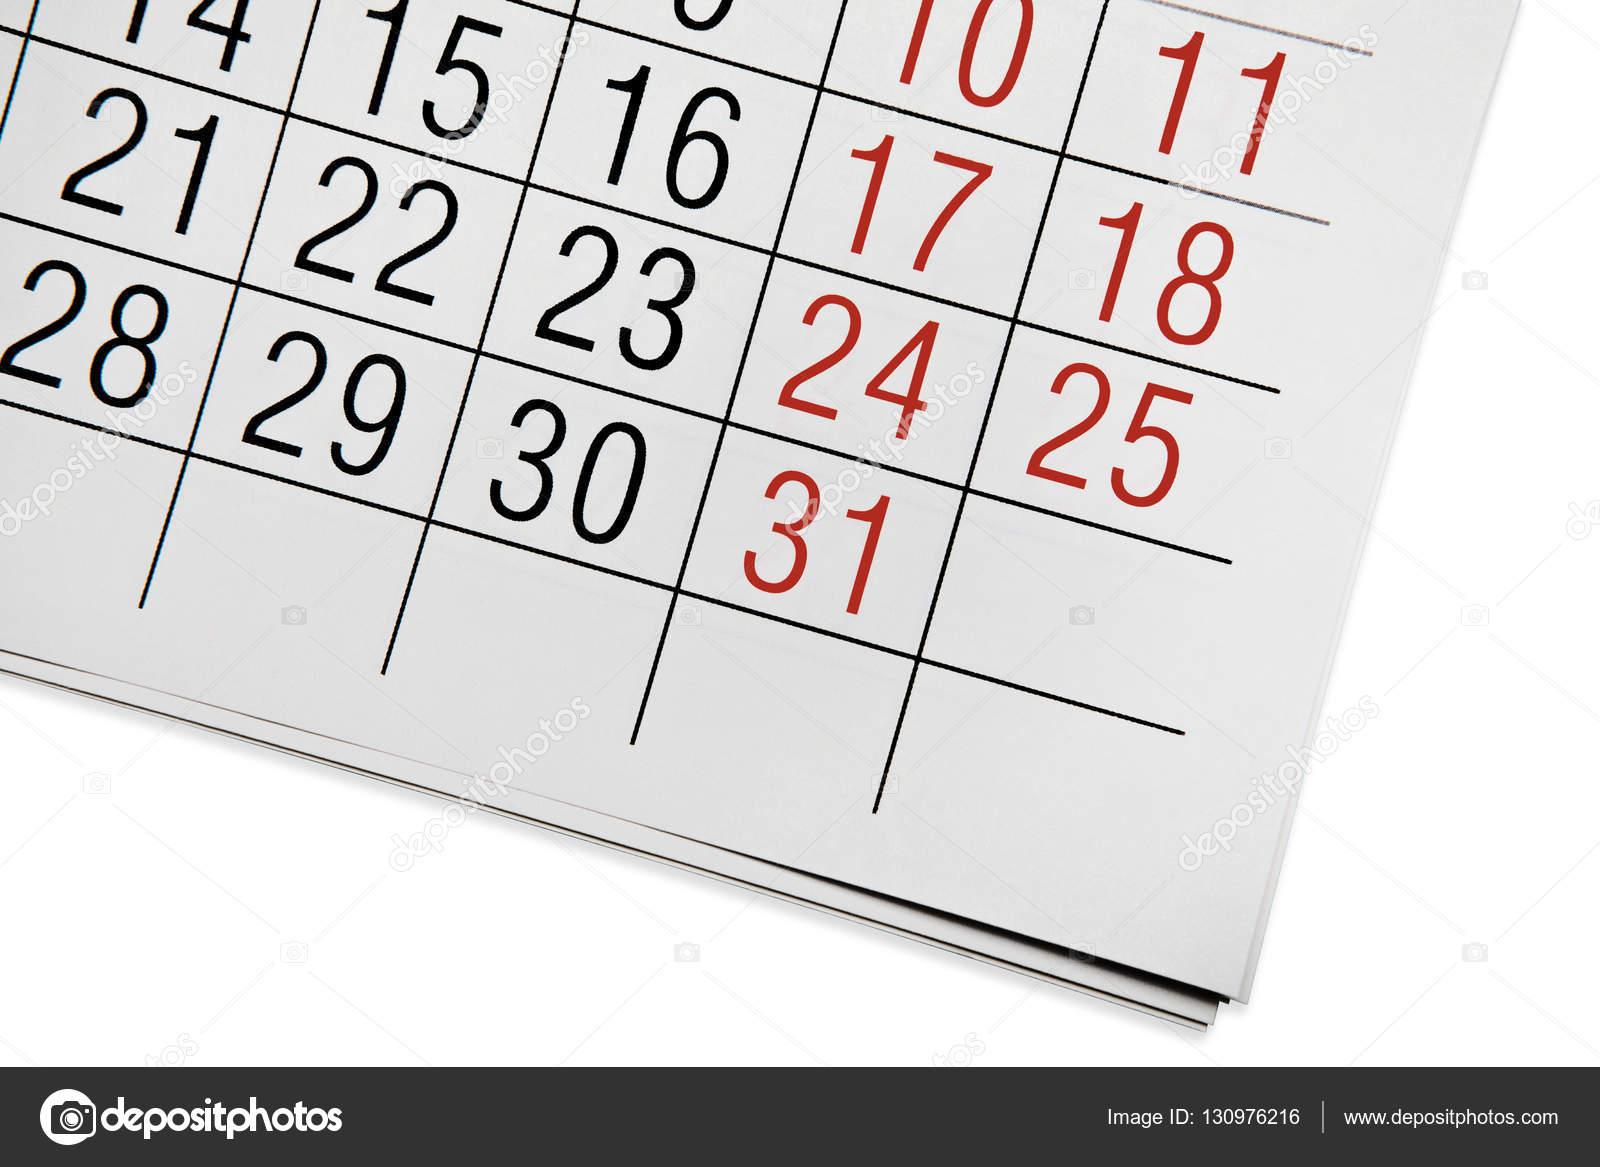 ημερολόγιο κινέζικων ημερολογίων jeux de χρονολόγηση προσομοίωσης en ligne